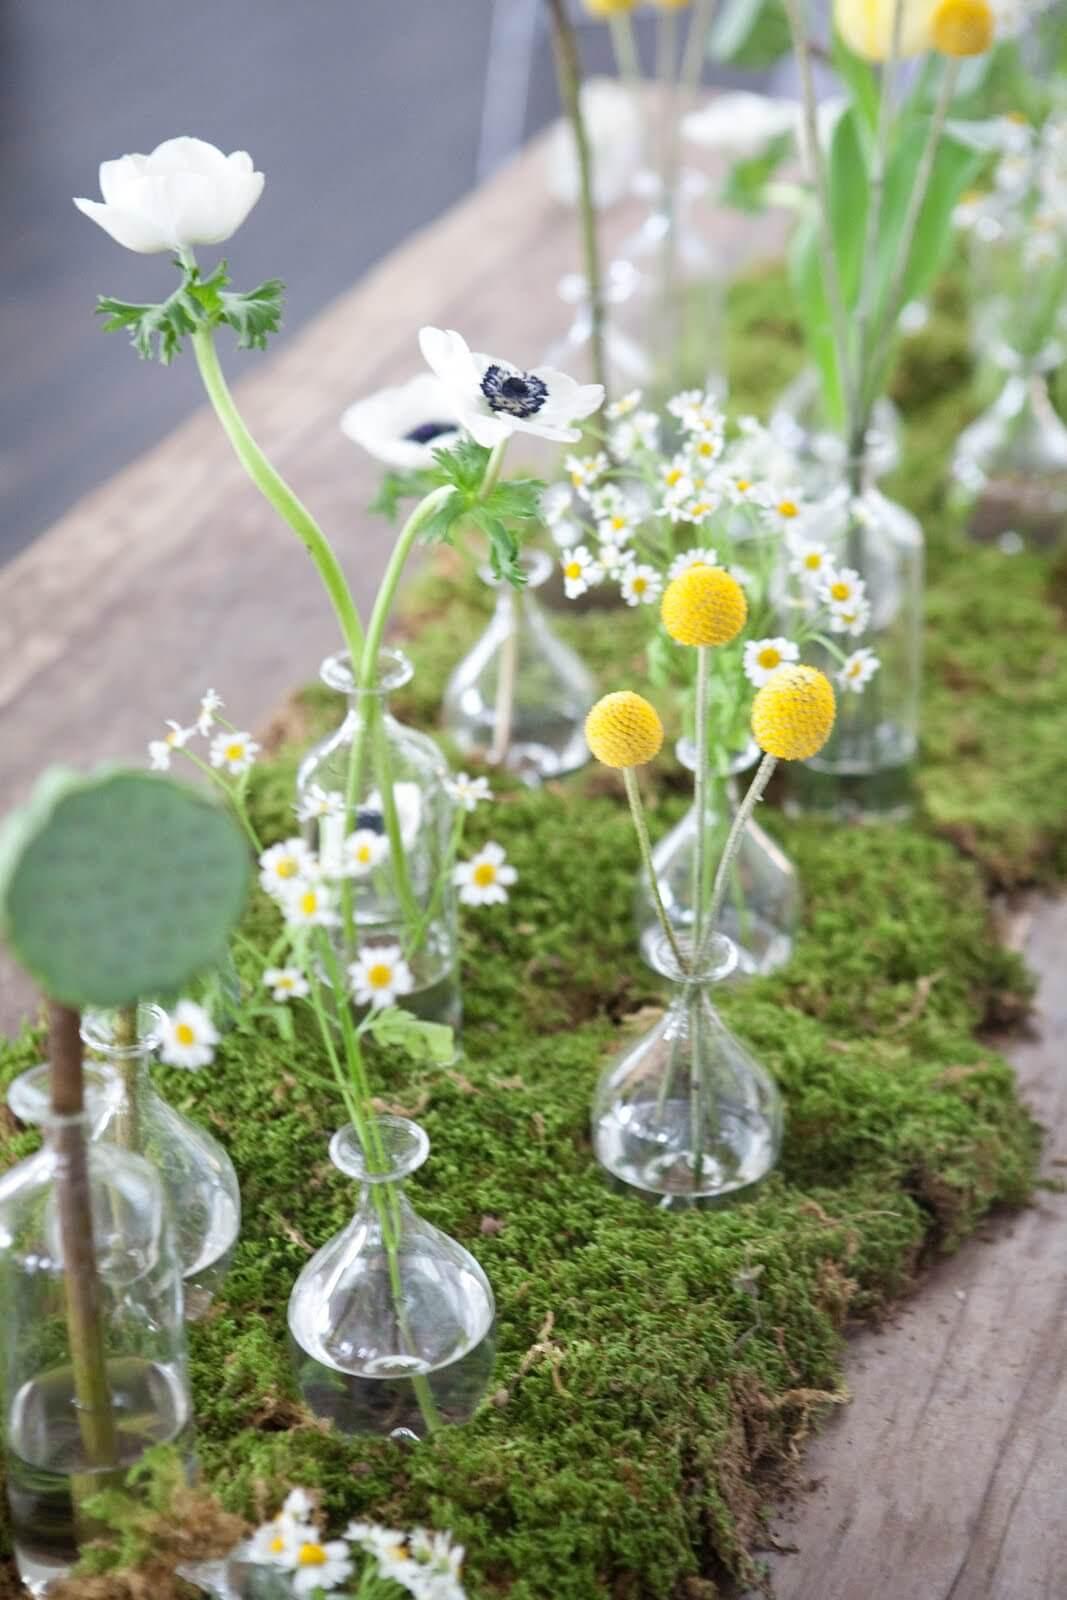 Garden Path Grassy Table Runner with Mini Flower Vases